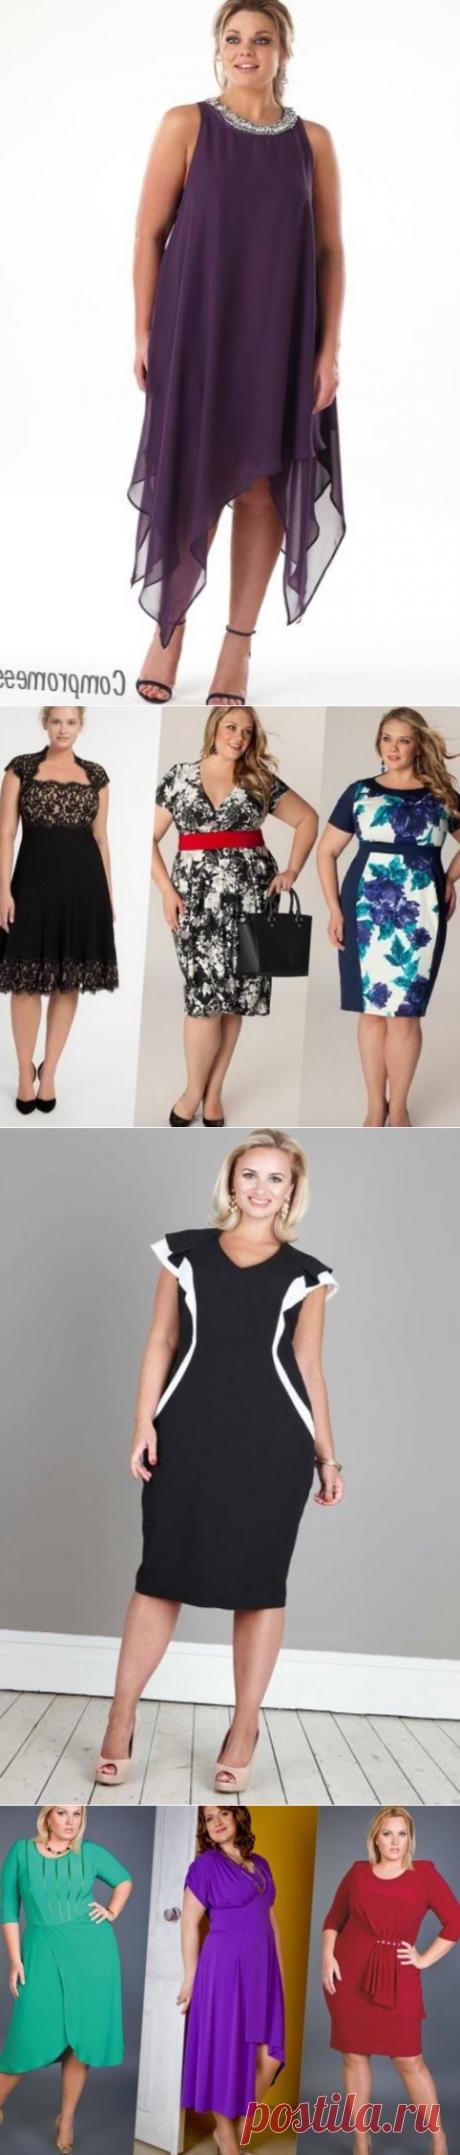 Фасоны платьев из шифона для полных женщин